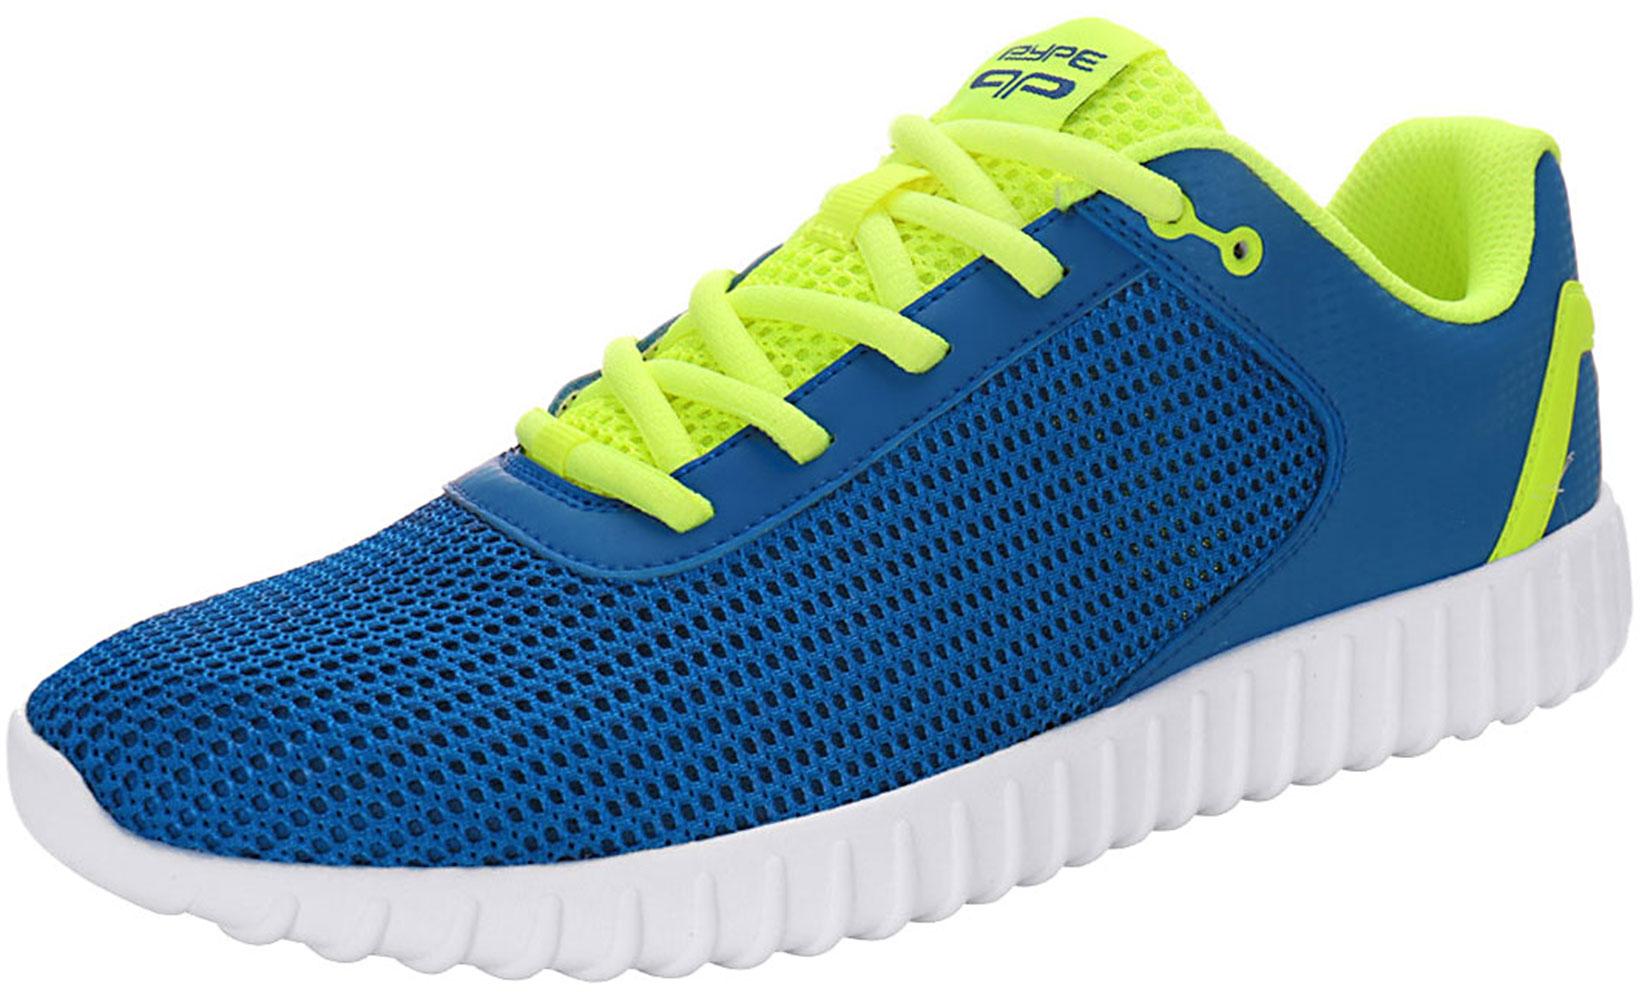 PYPE Women Contrast Color PU Panel Mesh Training Shoes Blue US 8.5